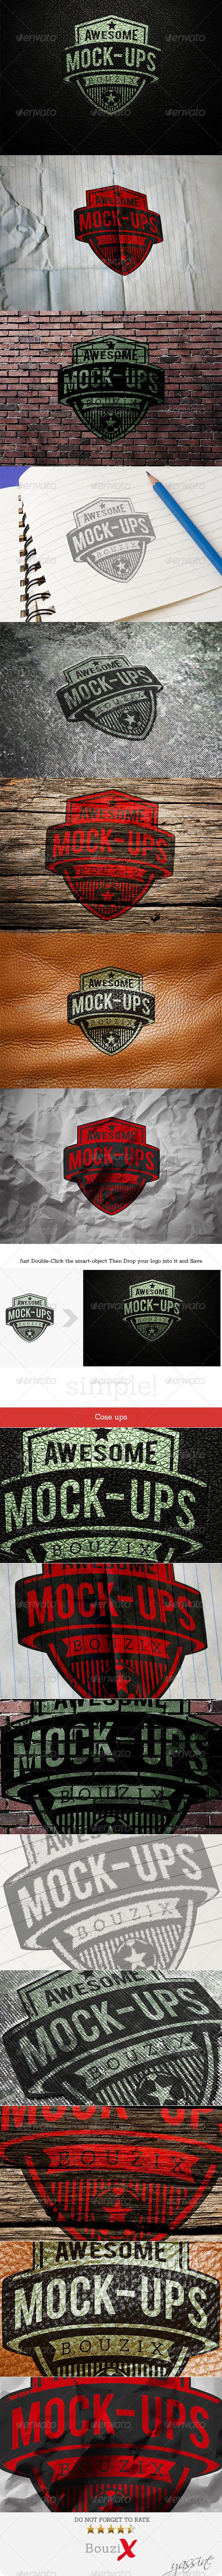 Photorealistic Logo Mockups V.1 - Logo Product Mock-Ups